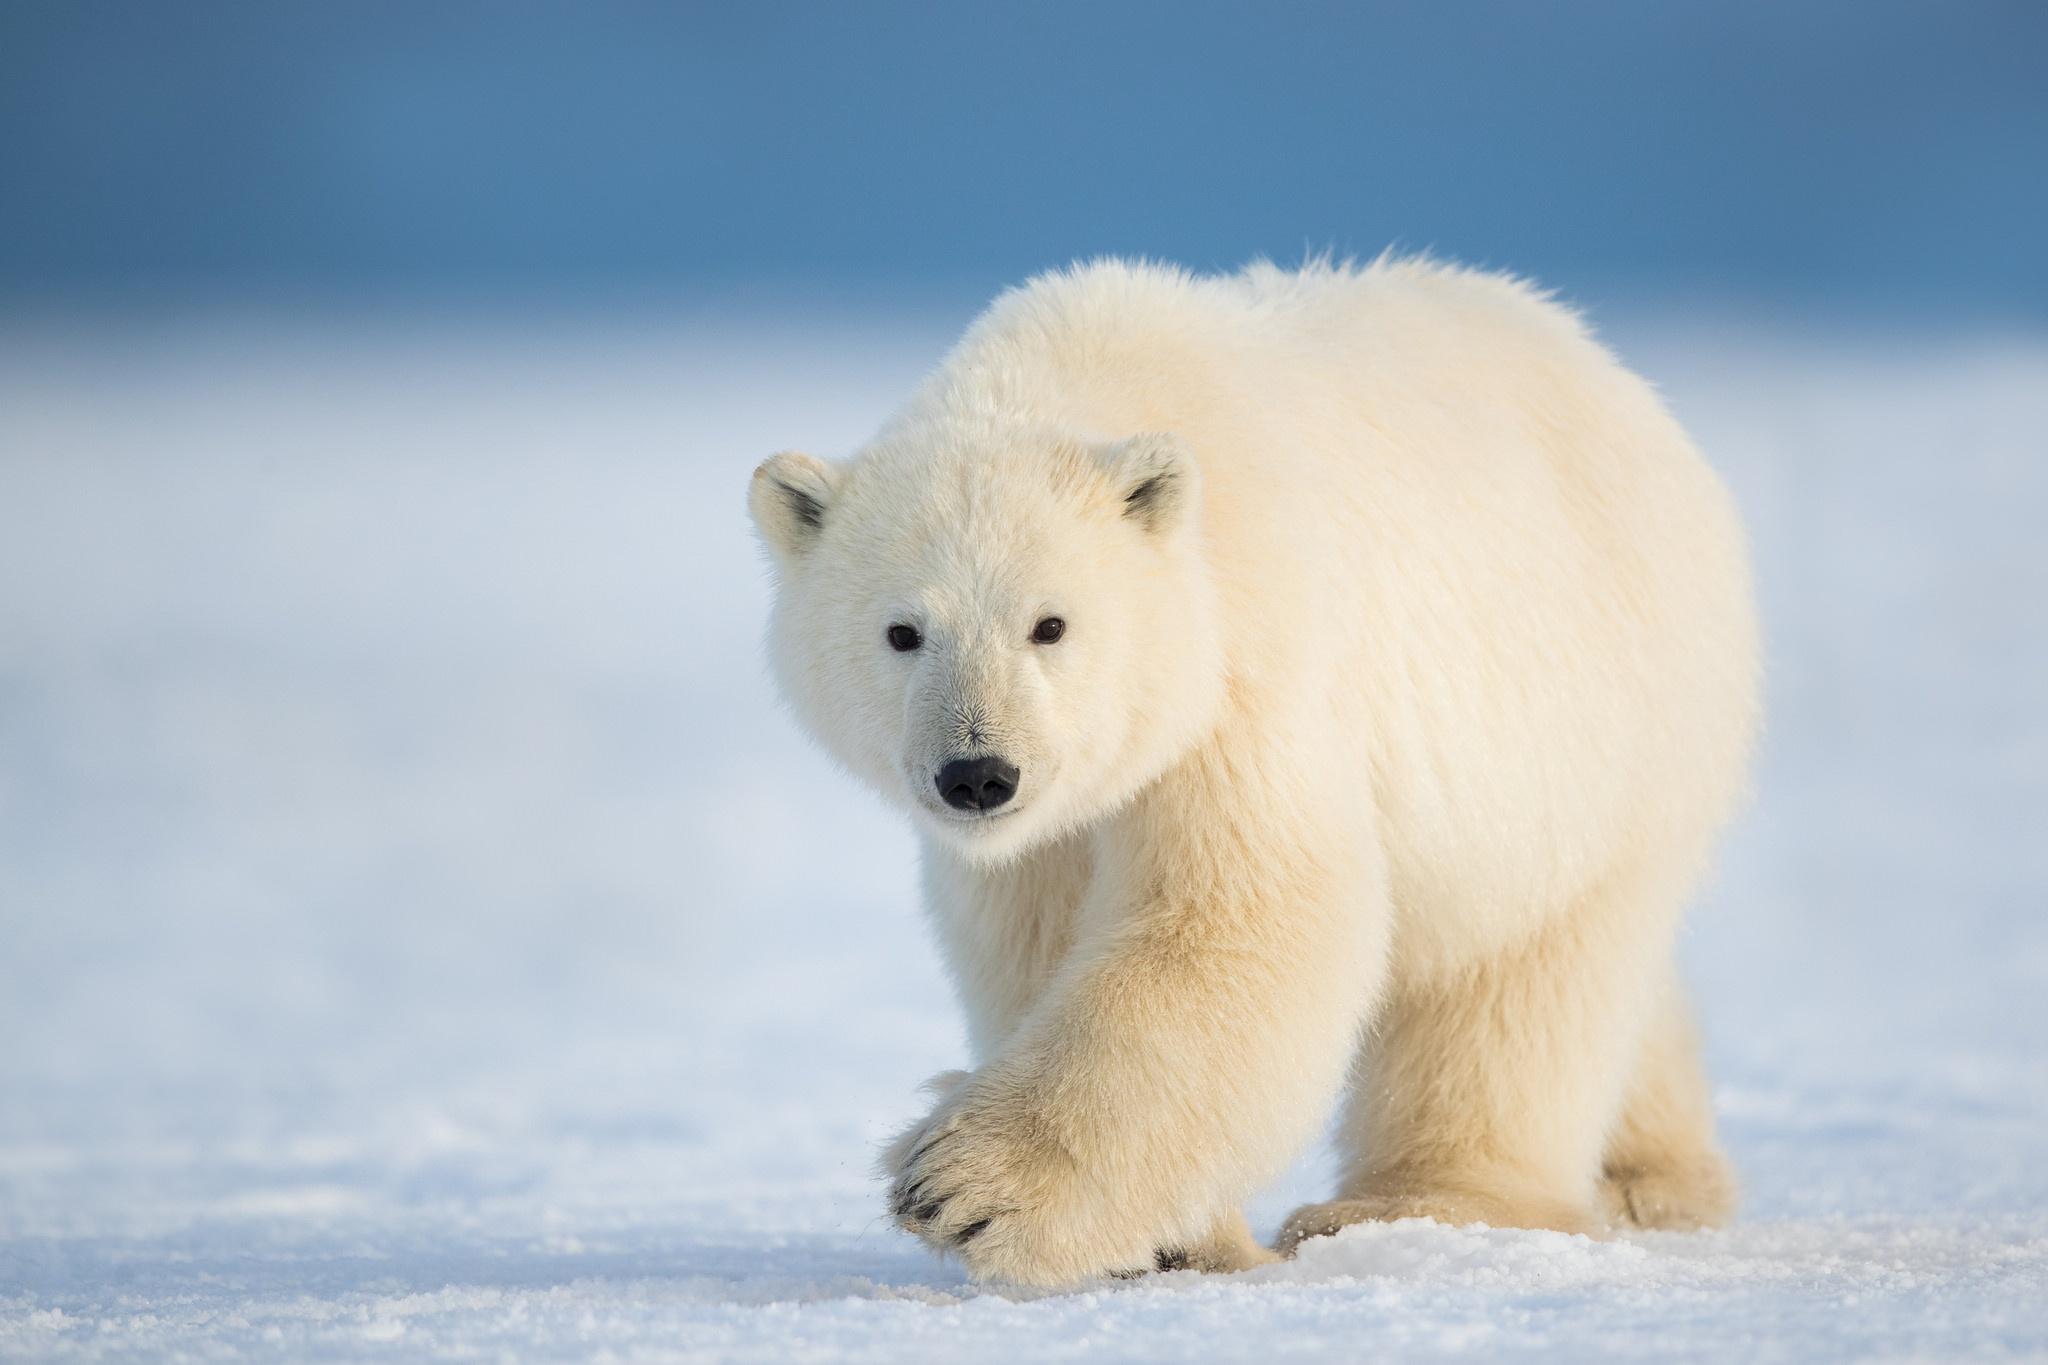 фото полярного медведя мебель